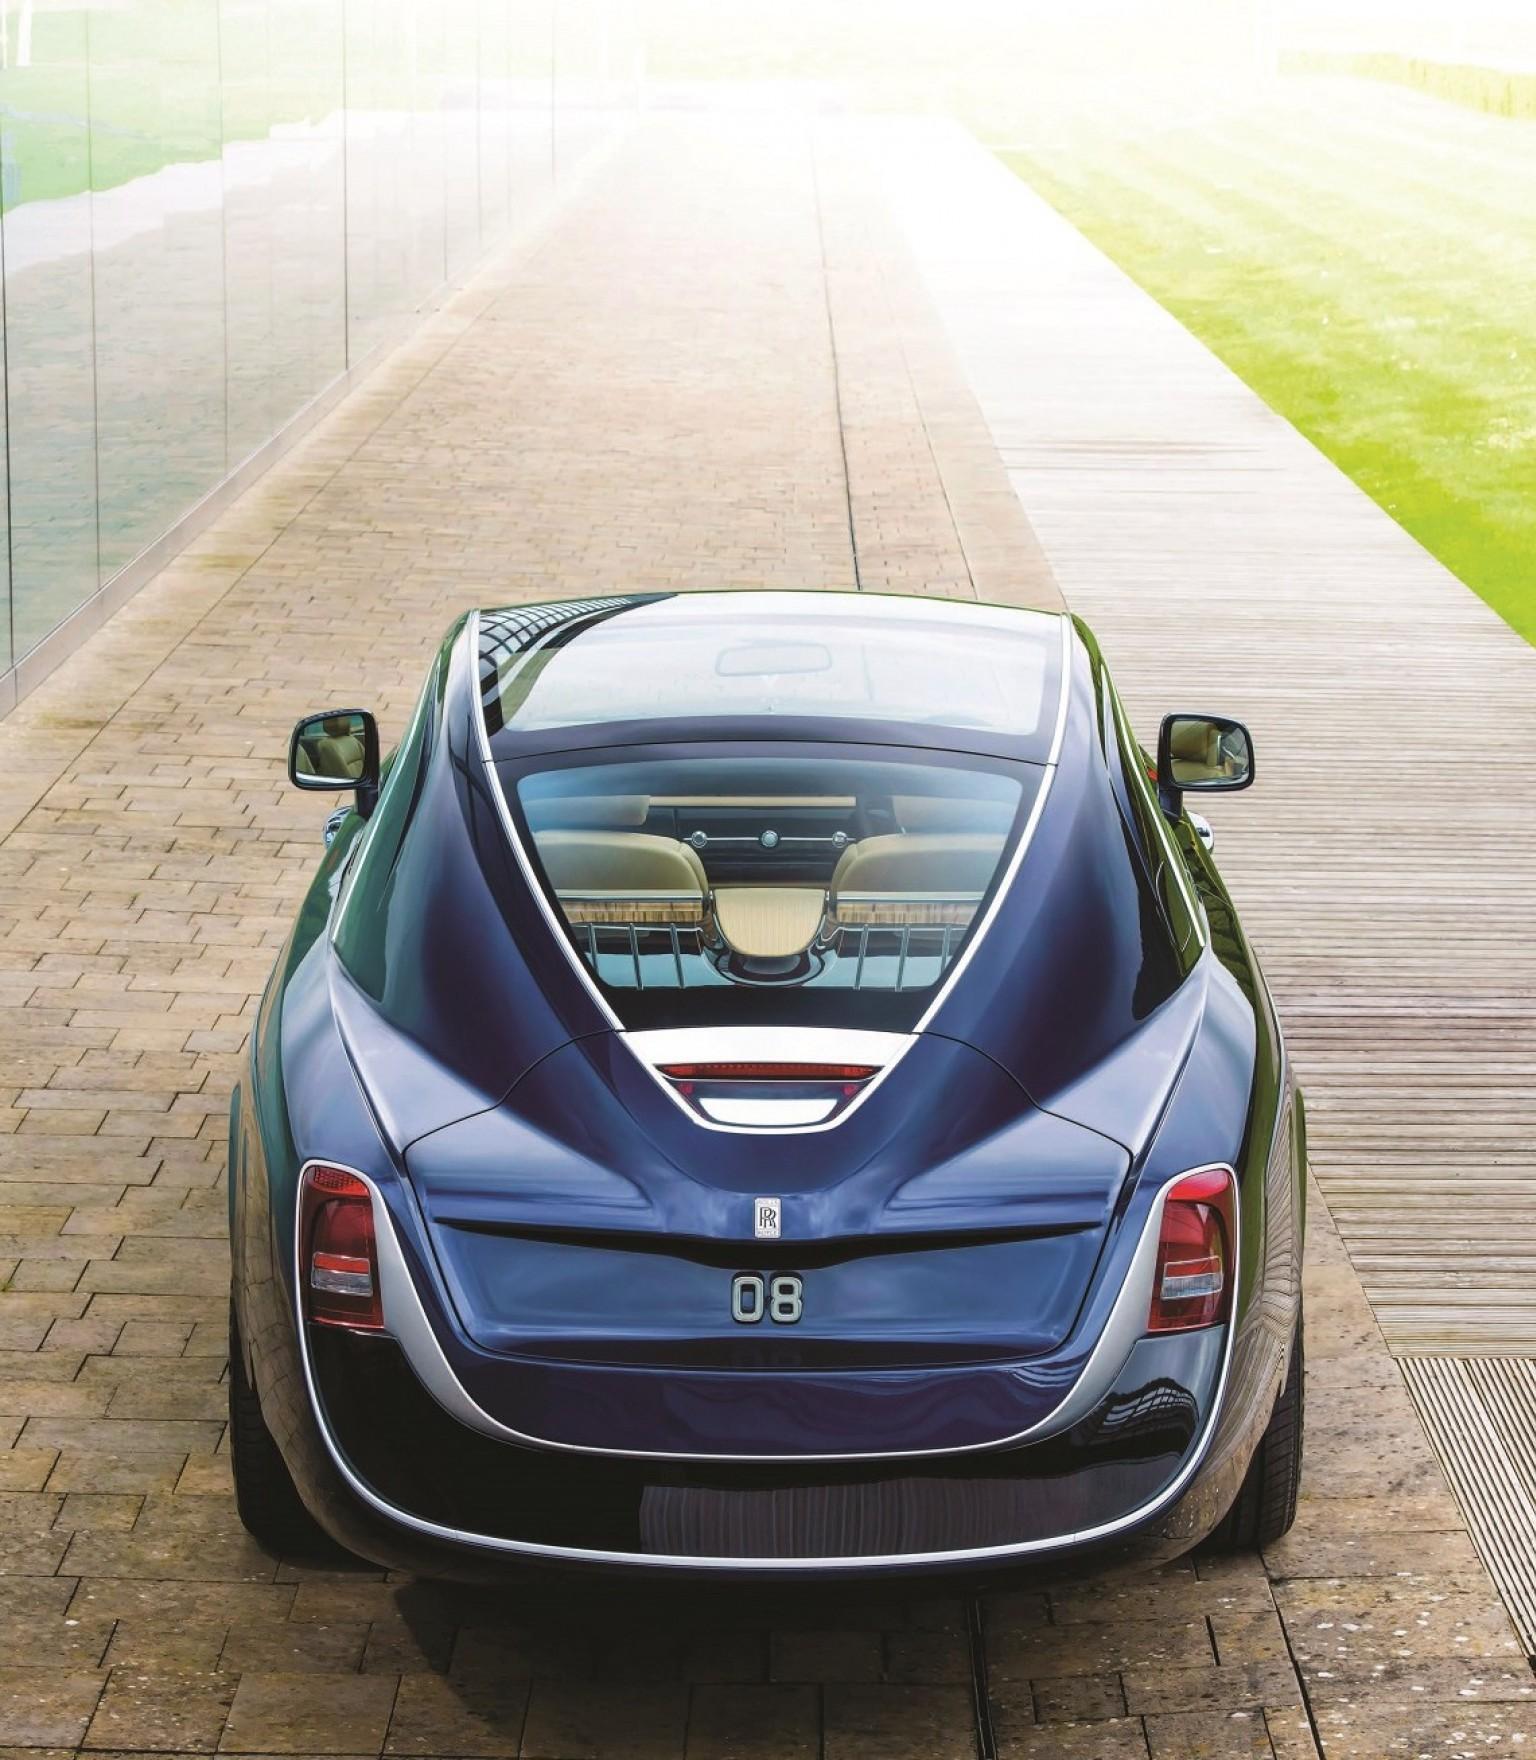 Rolls Royce car